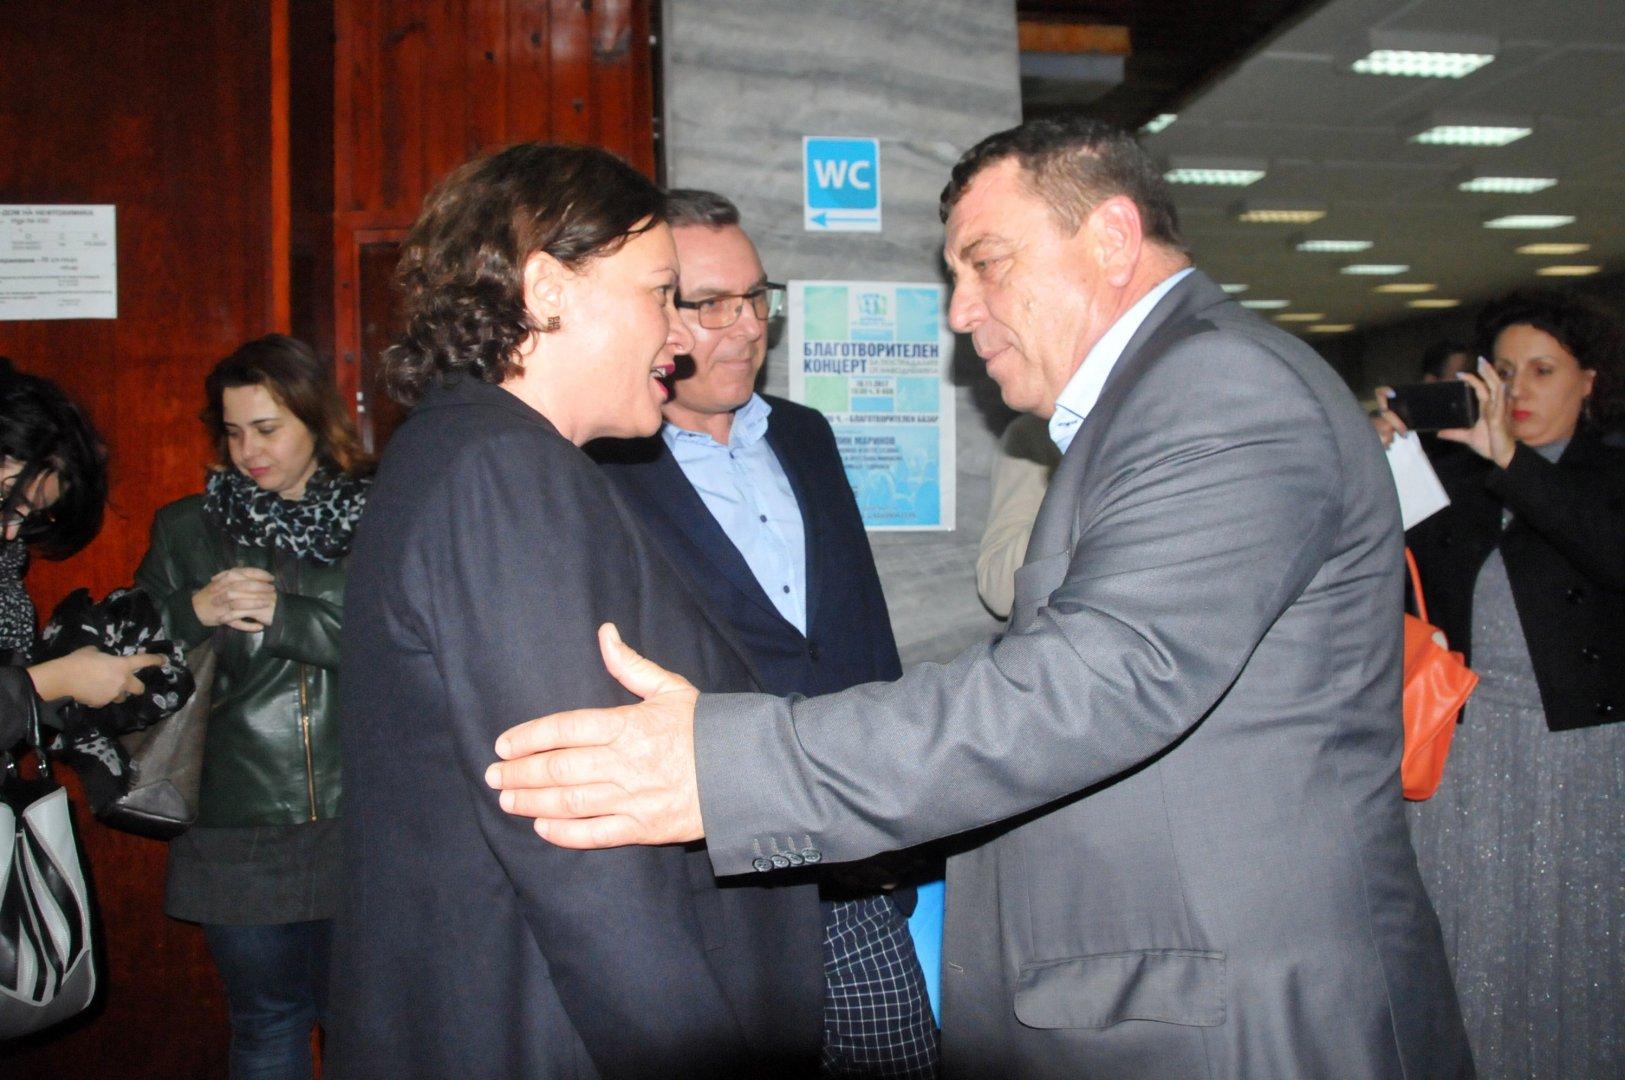 Кметът на община Камено Жельо Вардунски разговаря с депутатите от ГЕРБ Ивелина Василева и Димитър Бойчев преди концерта. Снимка Лина Главинова